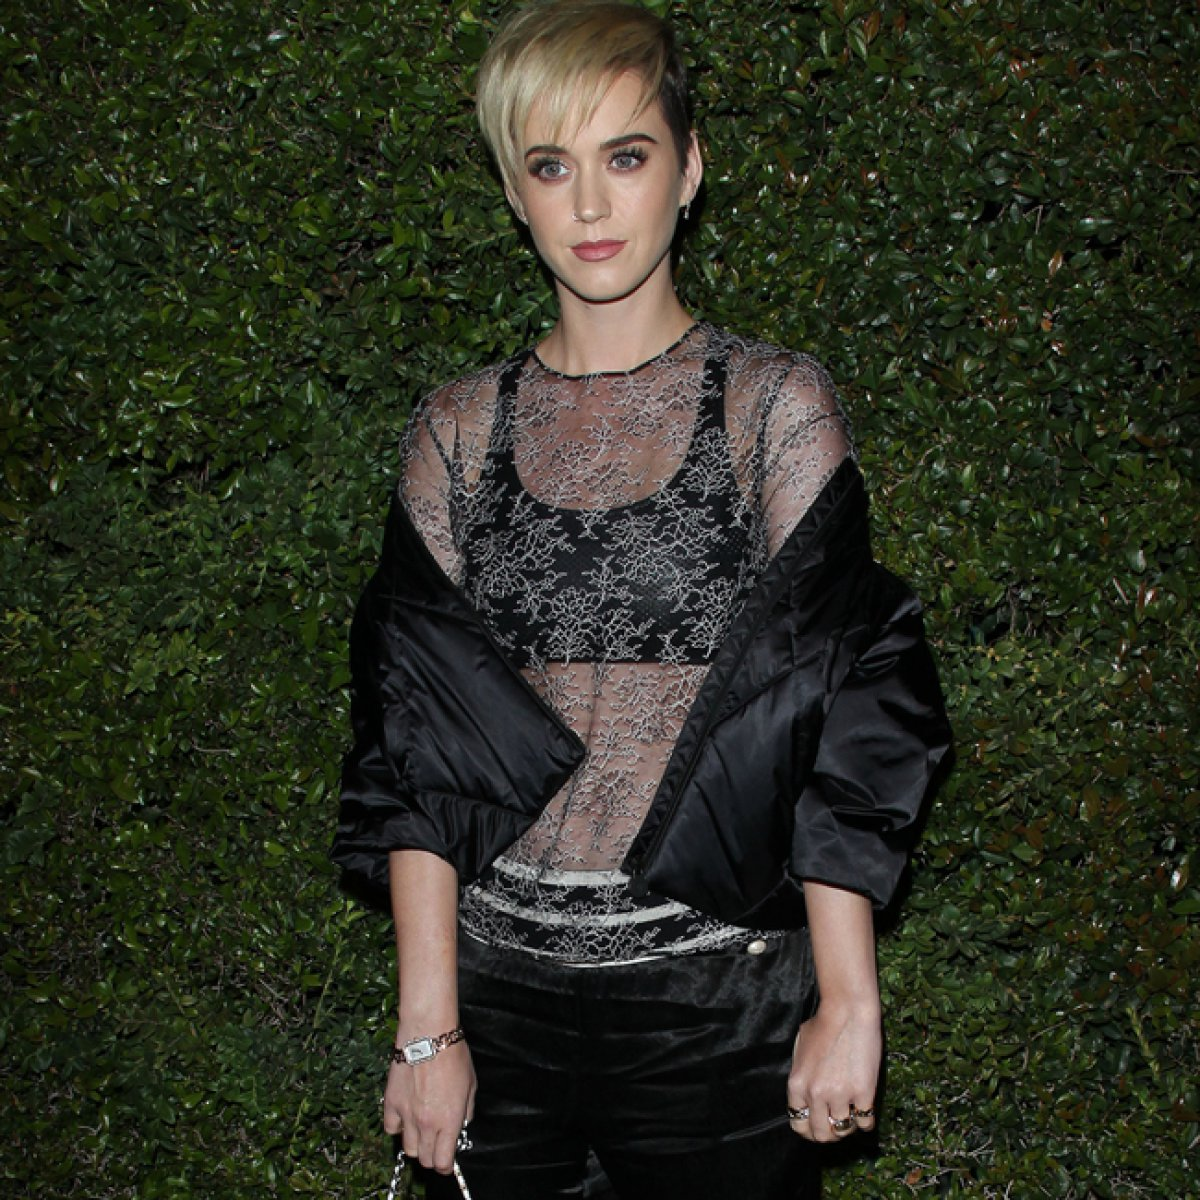 Katy Perry vive 'en la cuerda floja' por culpa de su fama